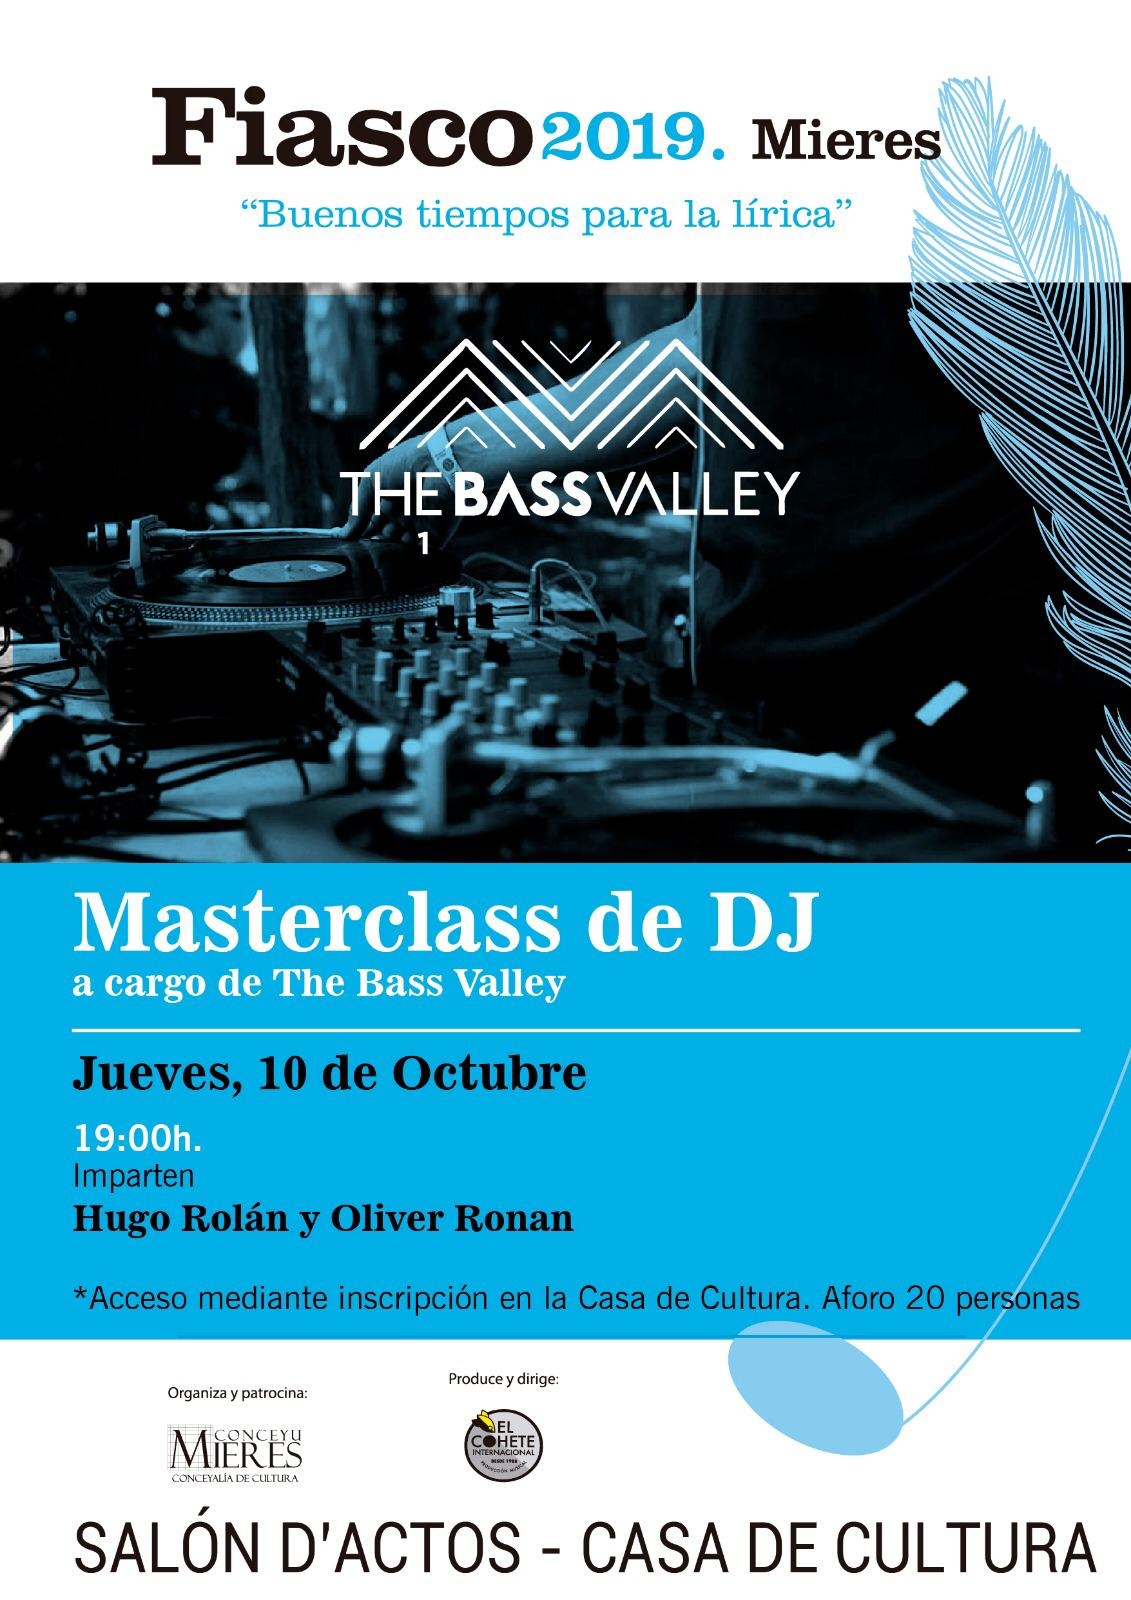 Fiasco 2019 Masterclass DJ